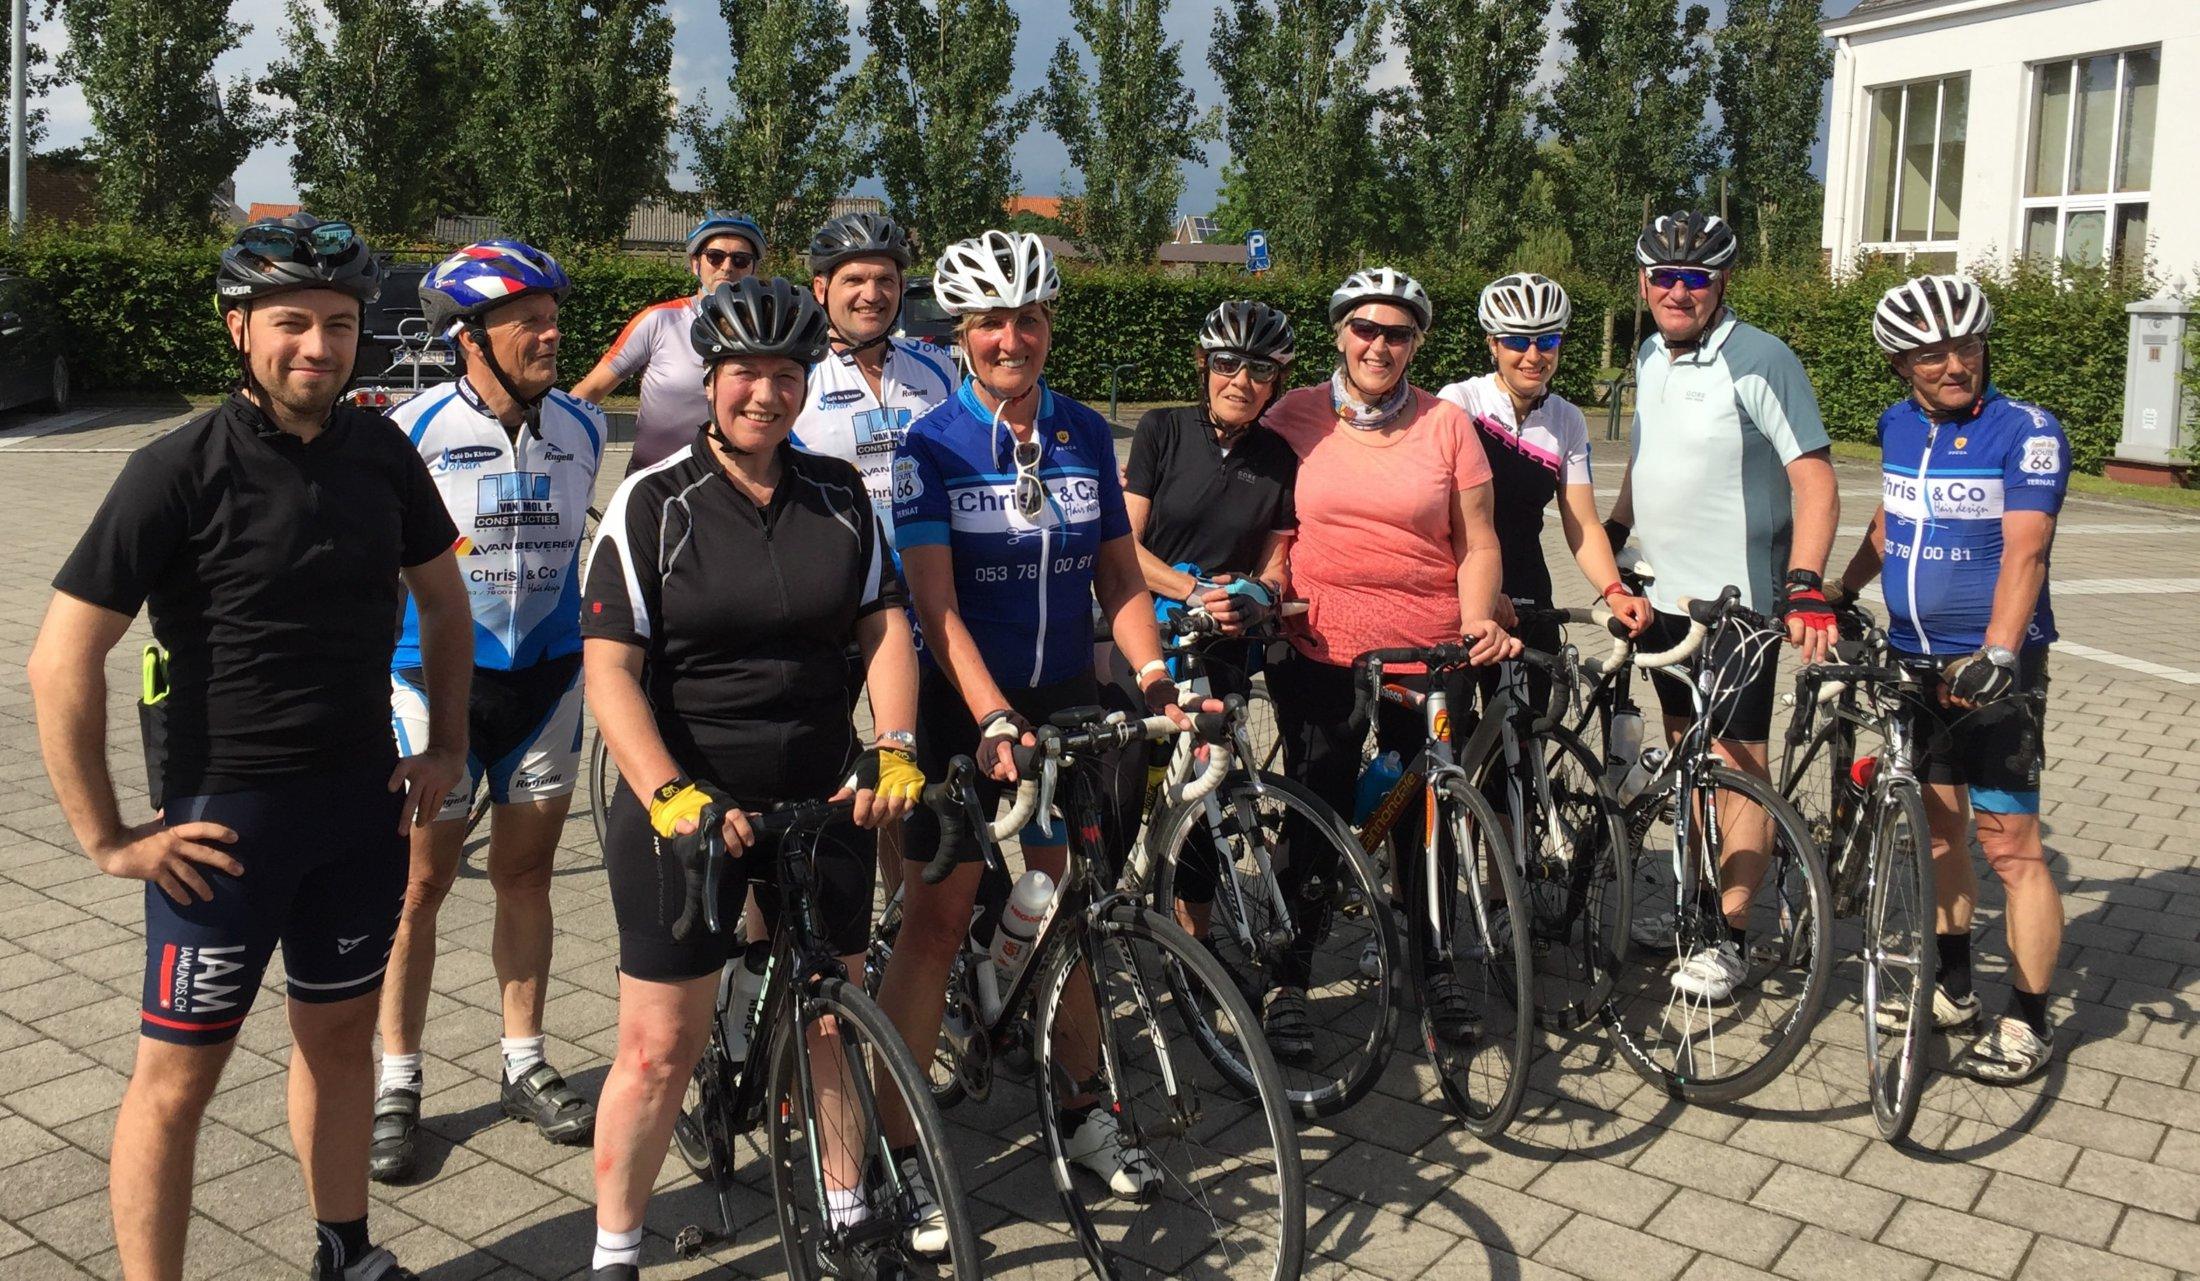 tweede groep geslaagde start to cycle